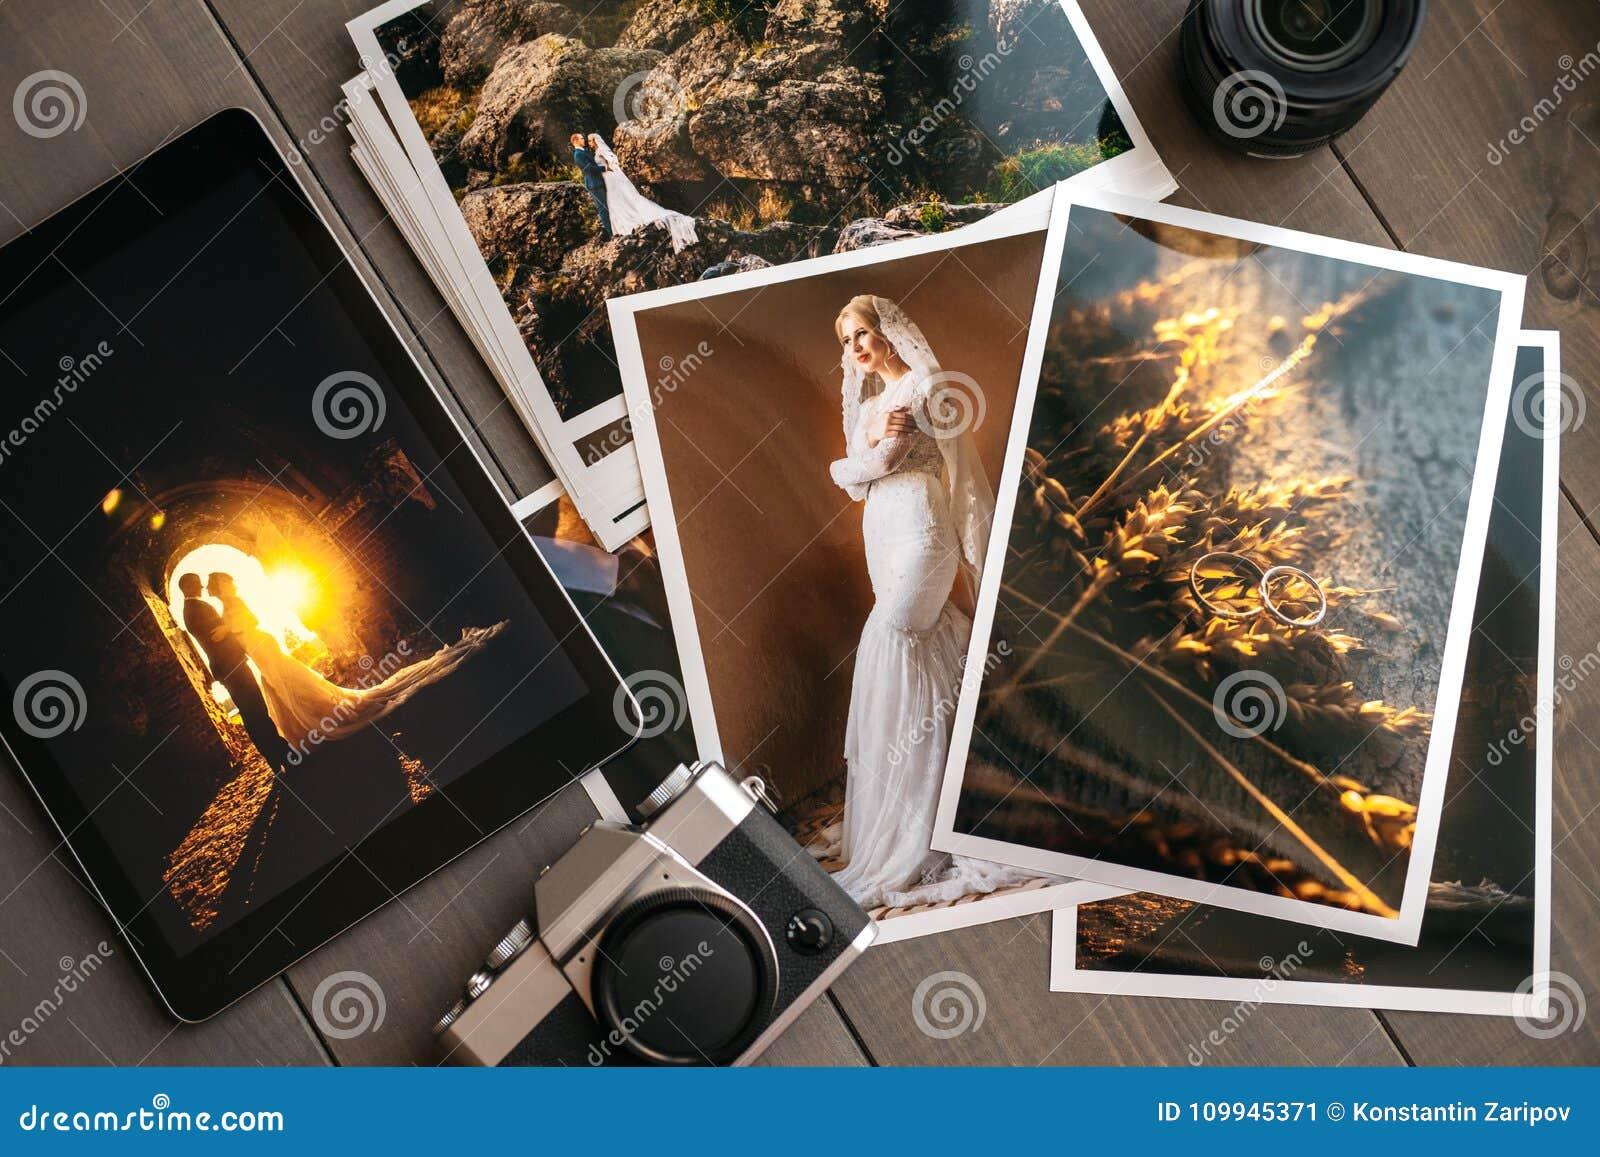 Impreso casandose fotos con la novia y el novio, una cámara del negro del vintage y una tableta negra con una imagen de una boda